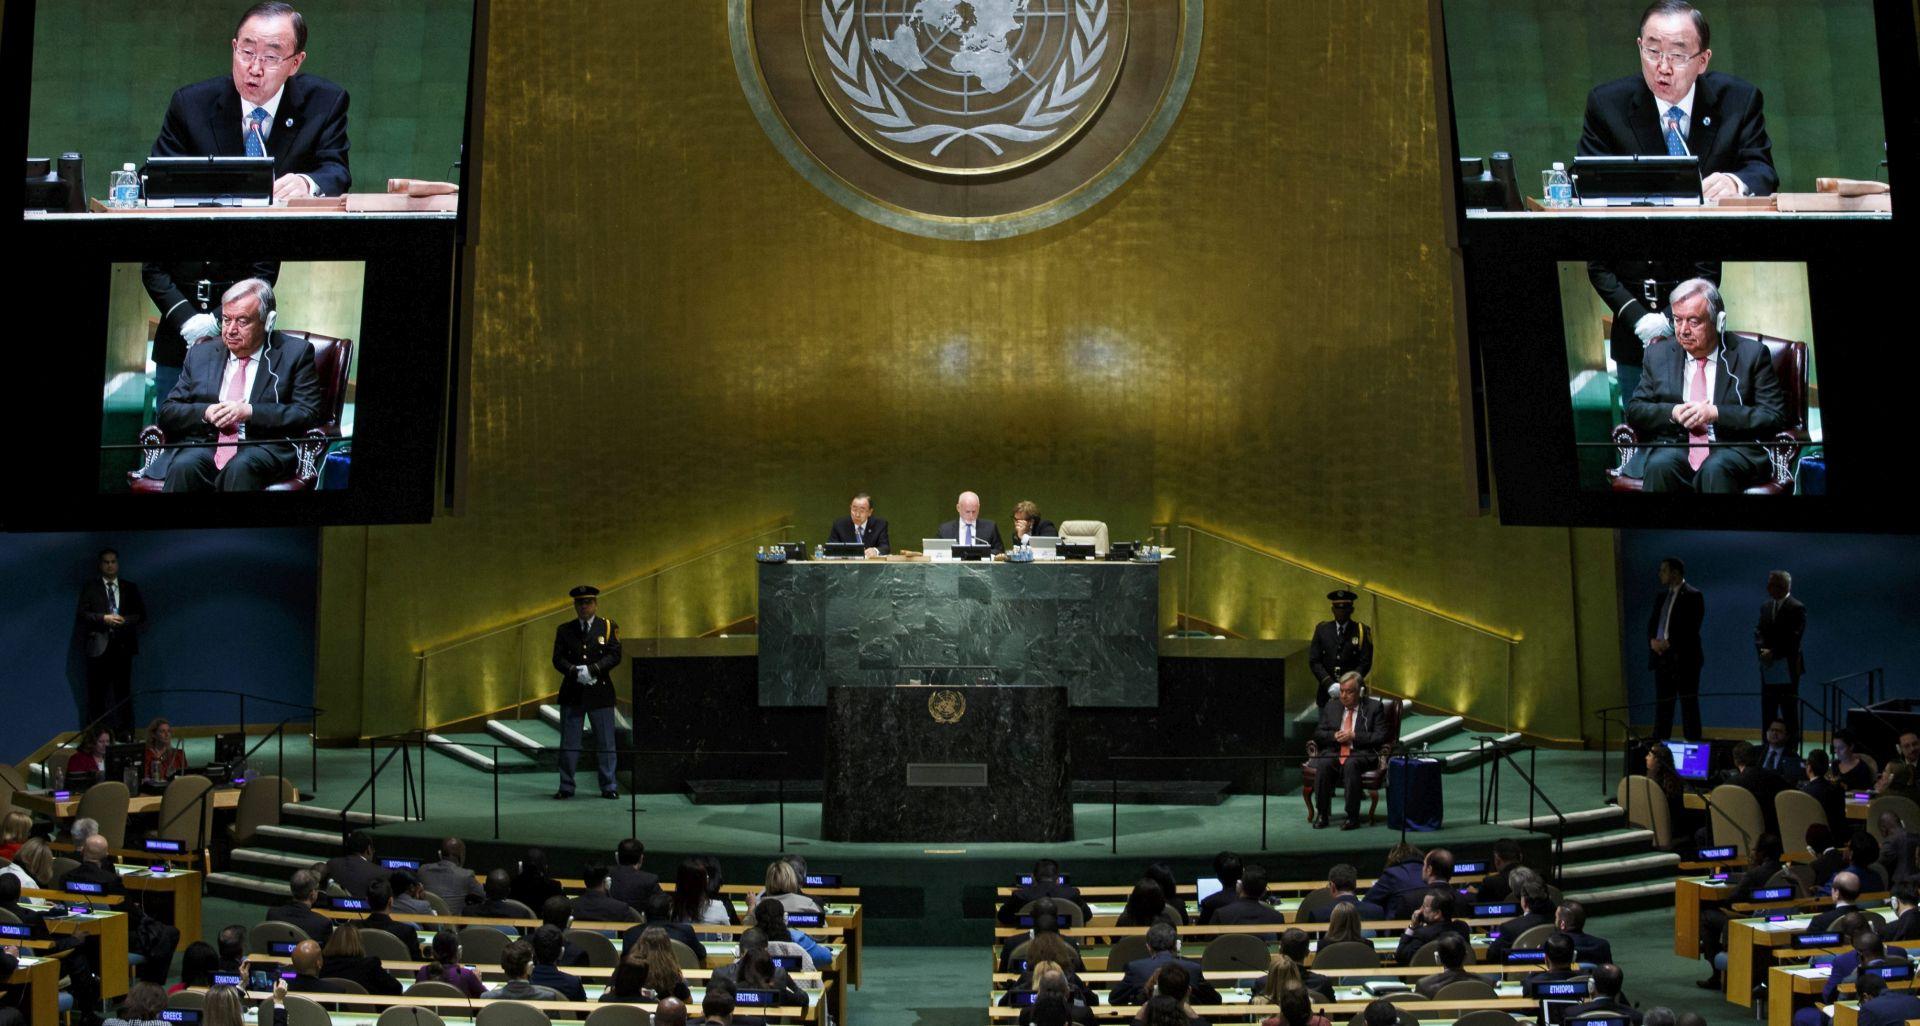 REZOLUCIJA O JERUZALEMU Hrvatska suzdržana na Općoj skupštini UN-a